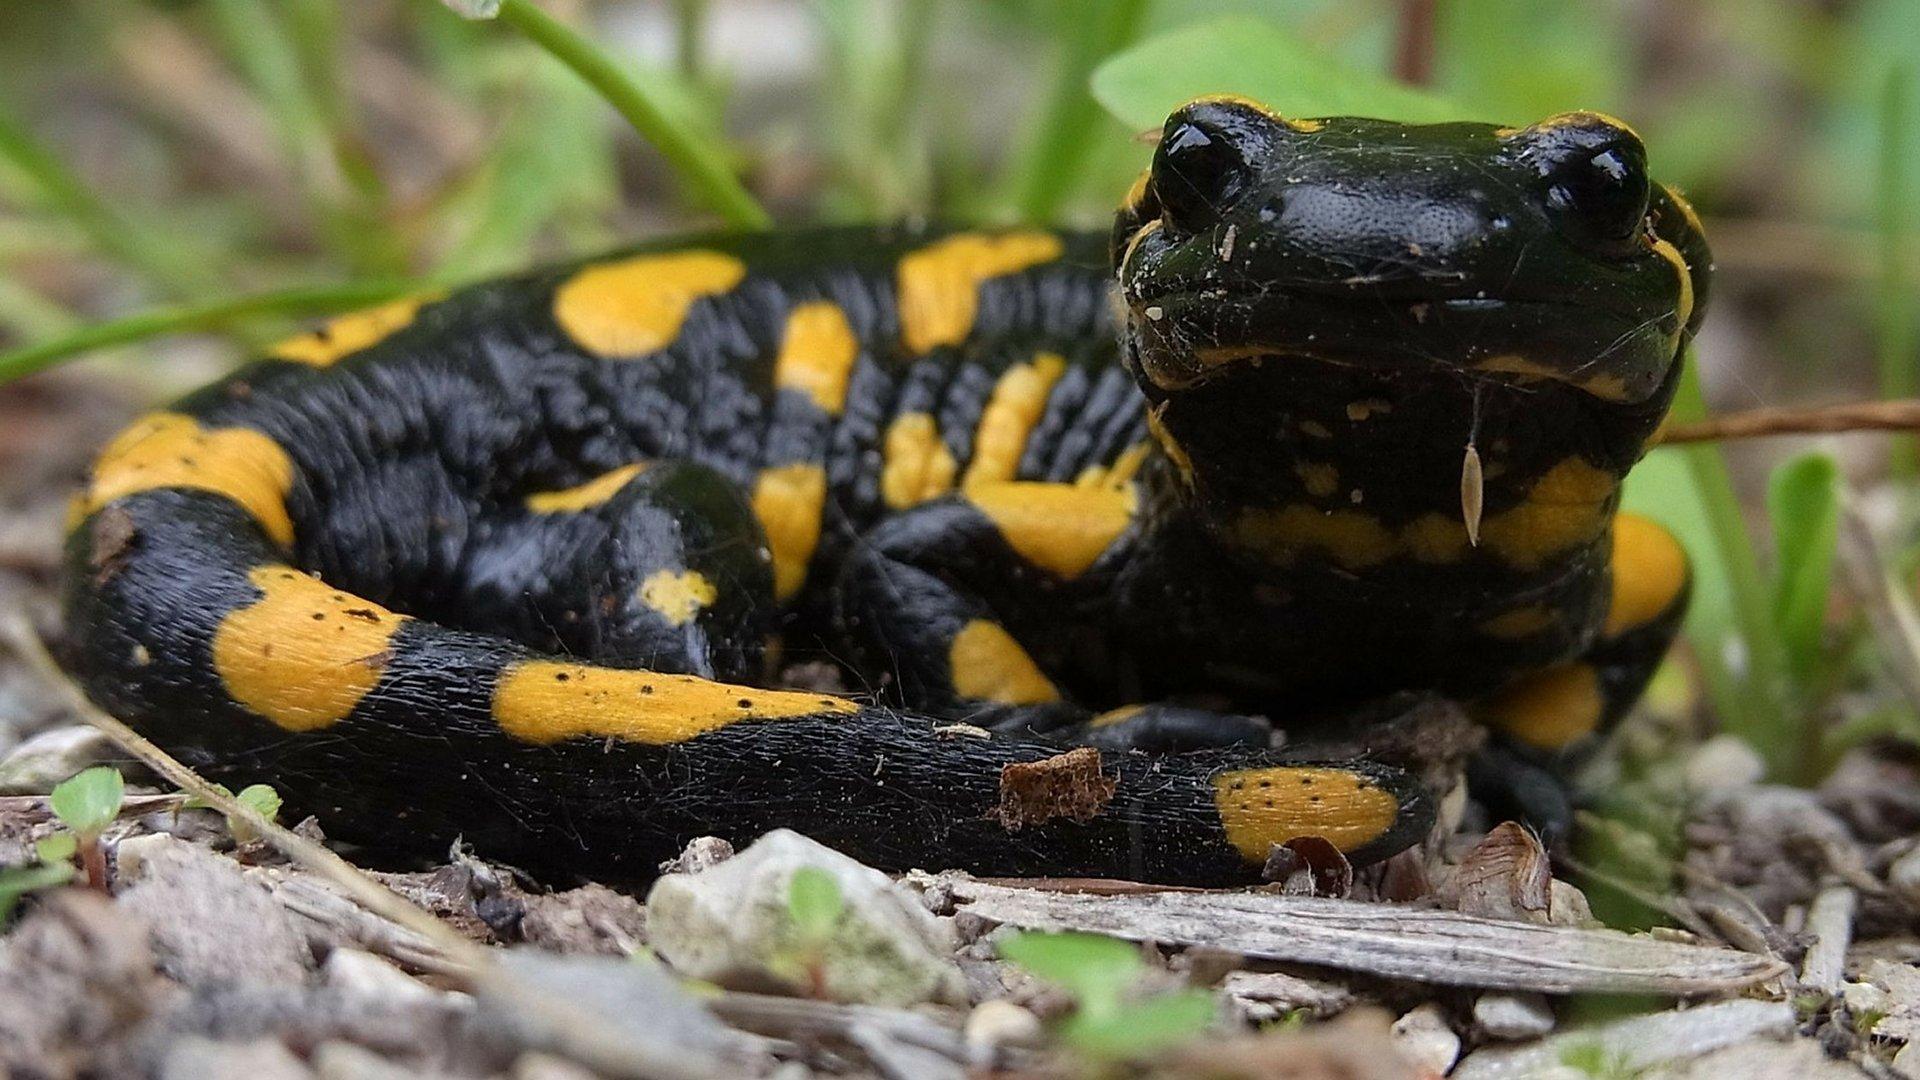 Fire salamander looking at camera